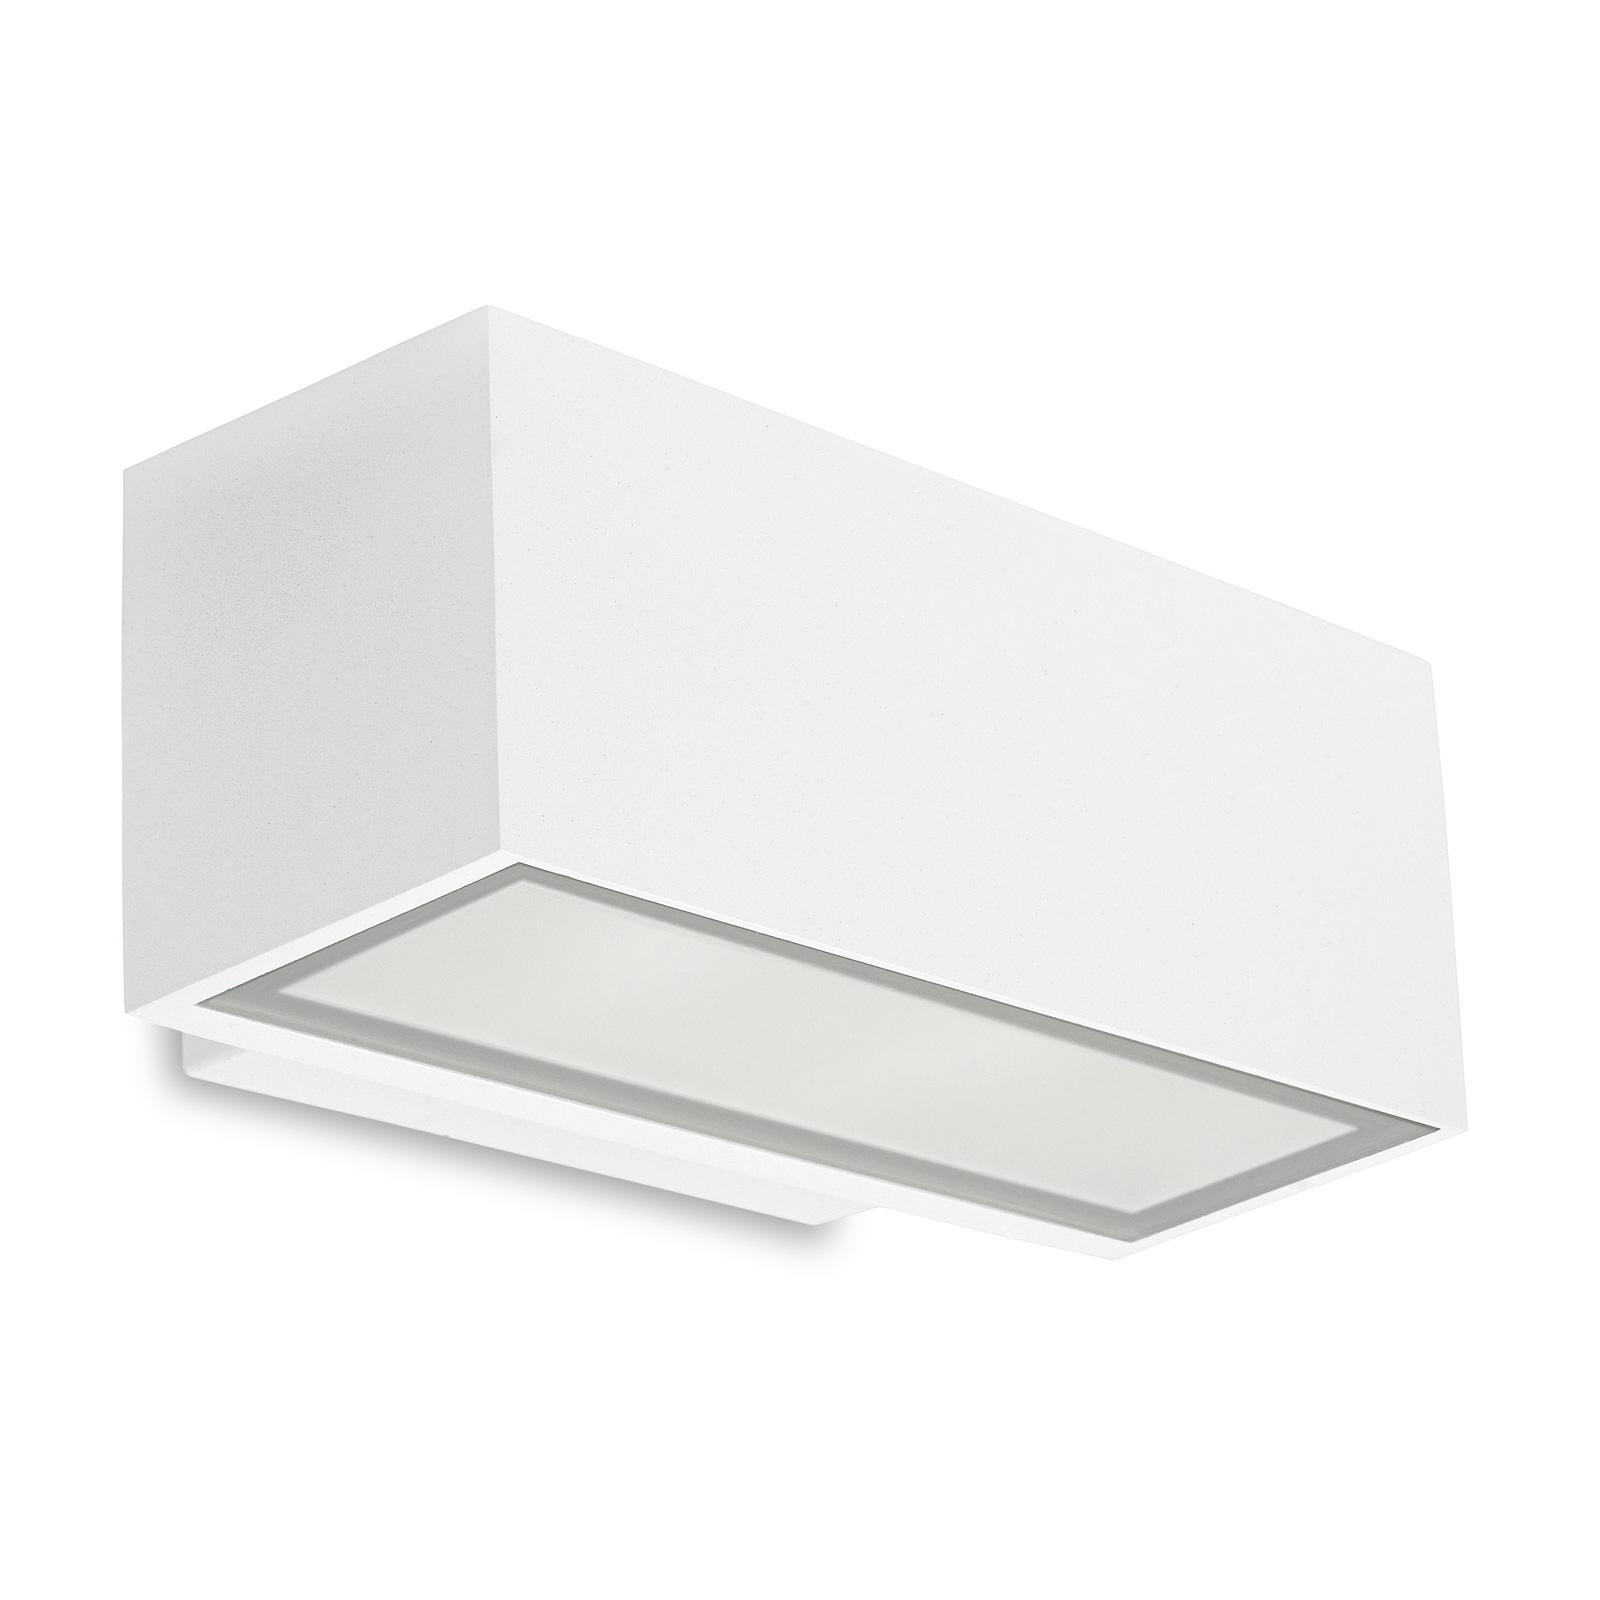 LEDS-C4 Afrodita buitenwandlamp, up/down wit